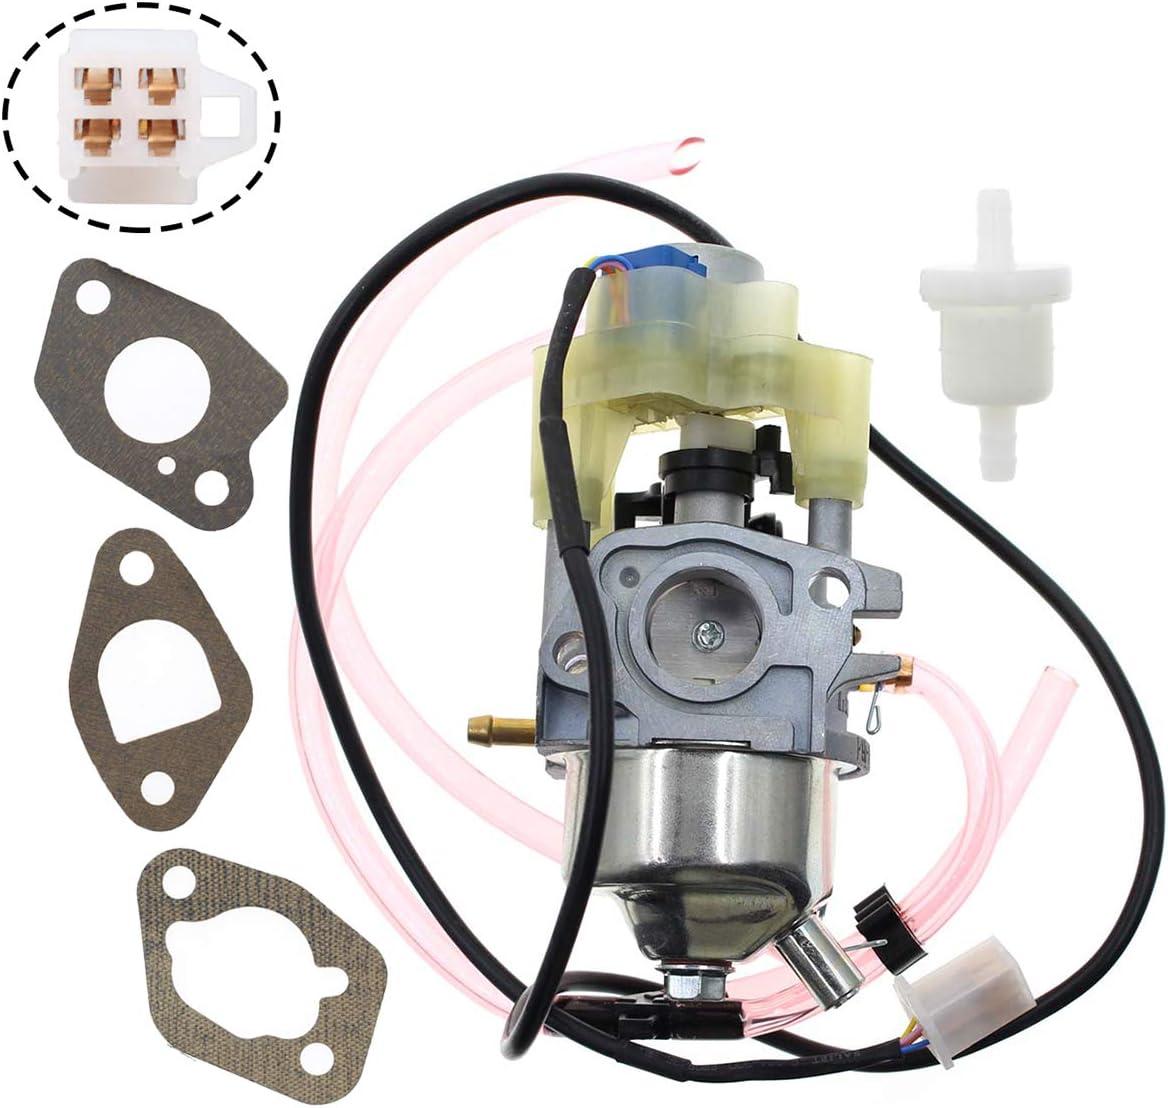 Carbhub 16100-ZL0-D66 Carburetor for Generator EU3000i 40% OFF Cheap Sale Max 41% OFF Honda Car